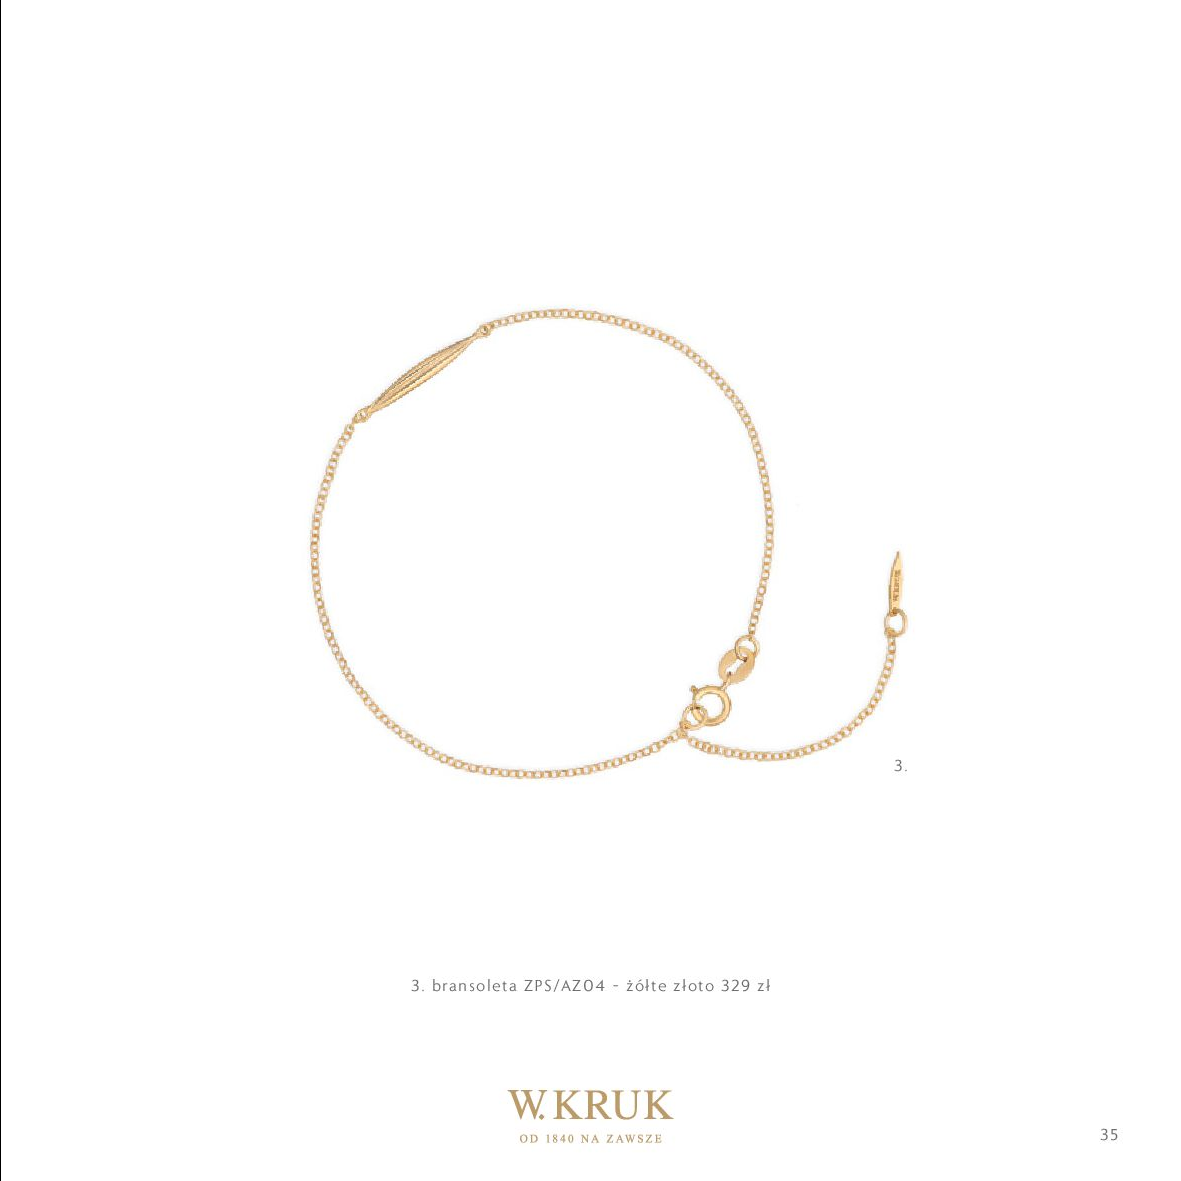 Gazetka W. KRUK: Katalog - Kolekcja Przyjaźń 2021-02-17 page-37